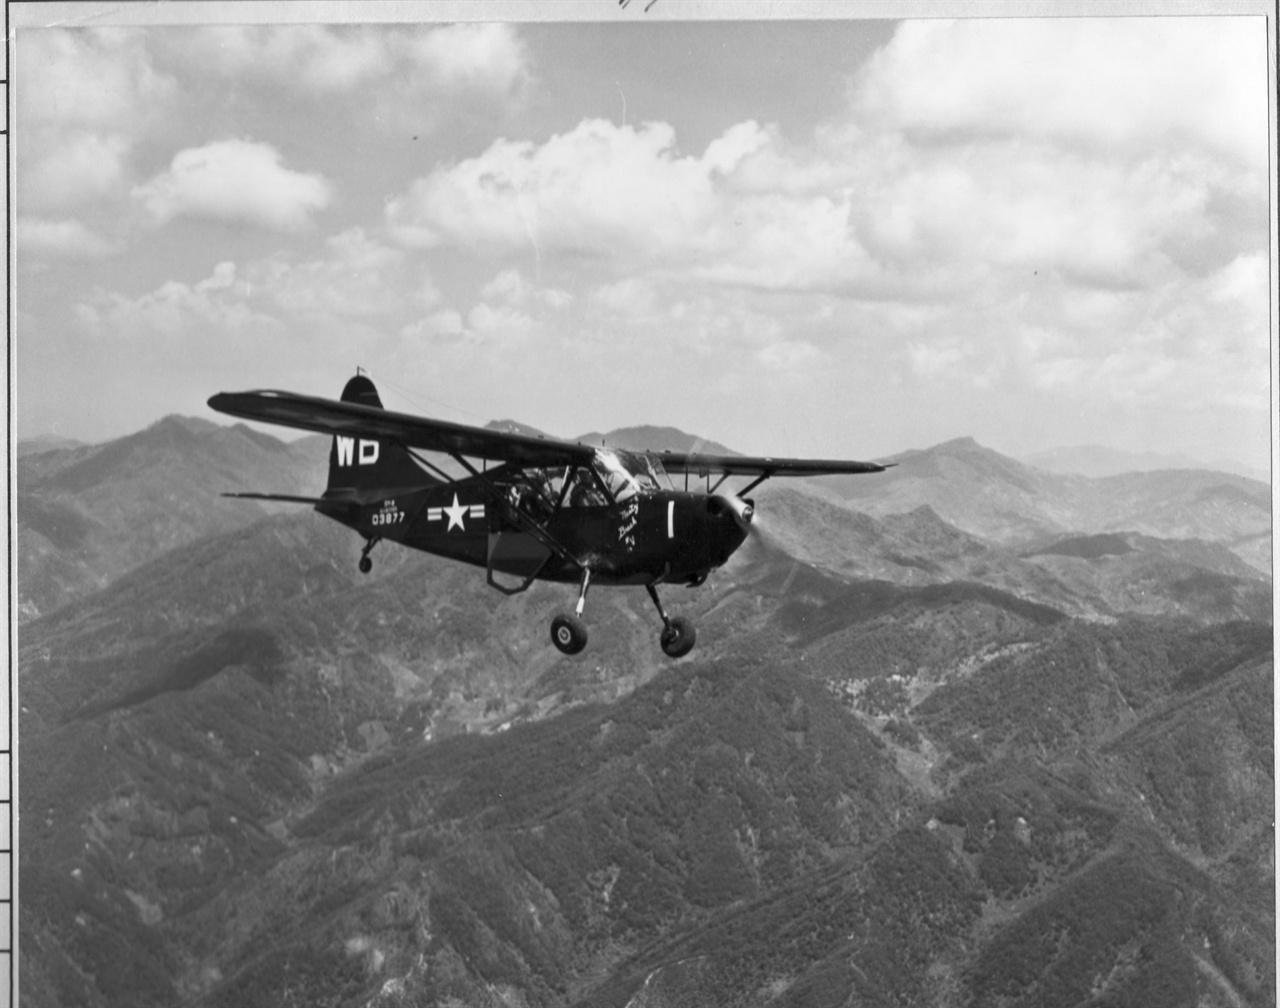 미 정찰기 한 대가 적진을 살피고자 날아가고 있다(1951. 6. 1.).